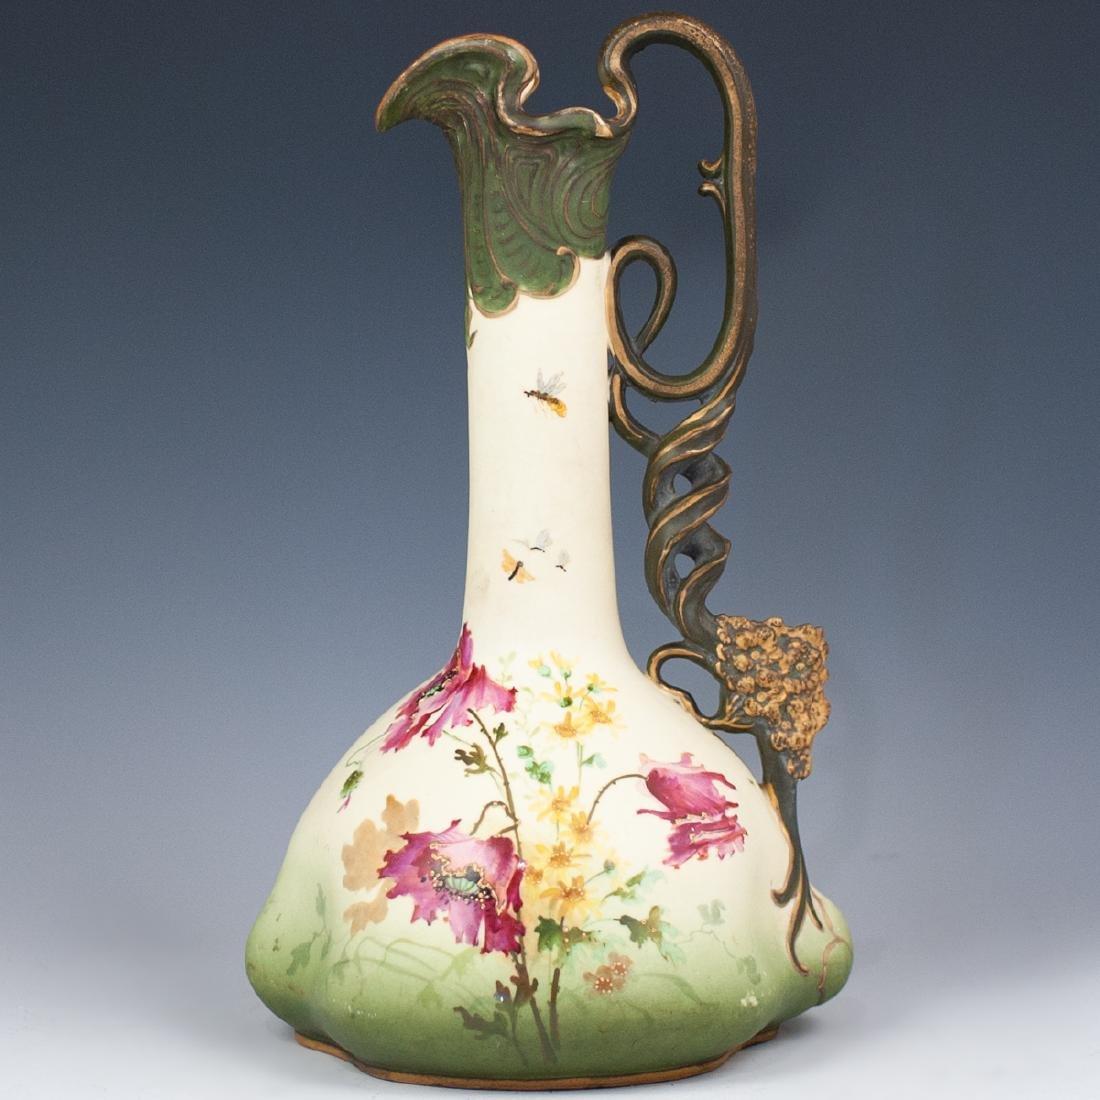 Turn Wien Porcelain Pitcher